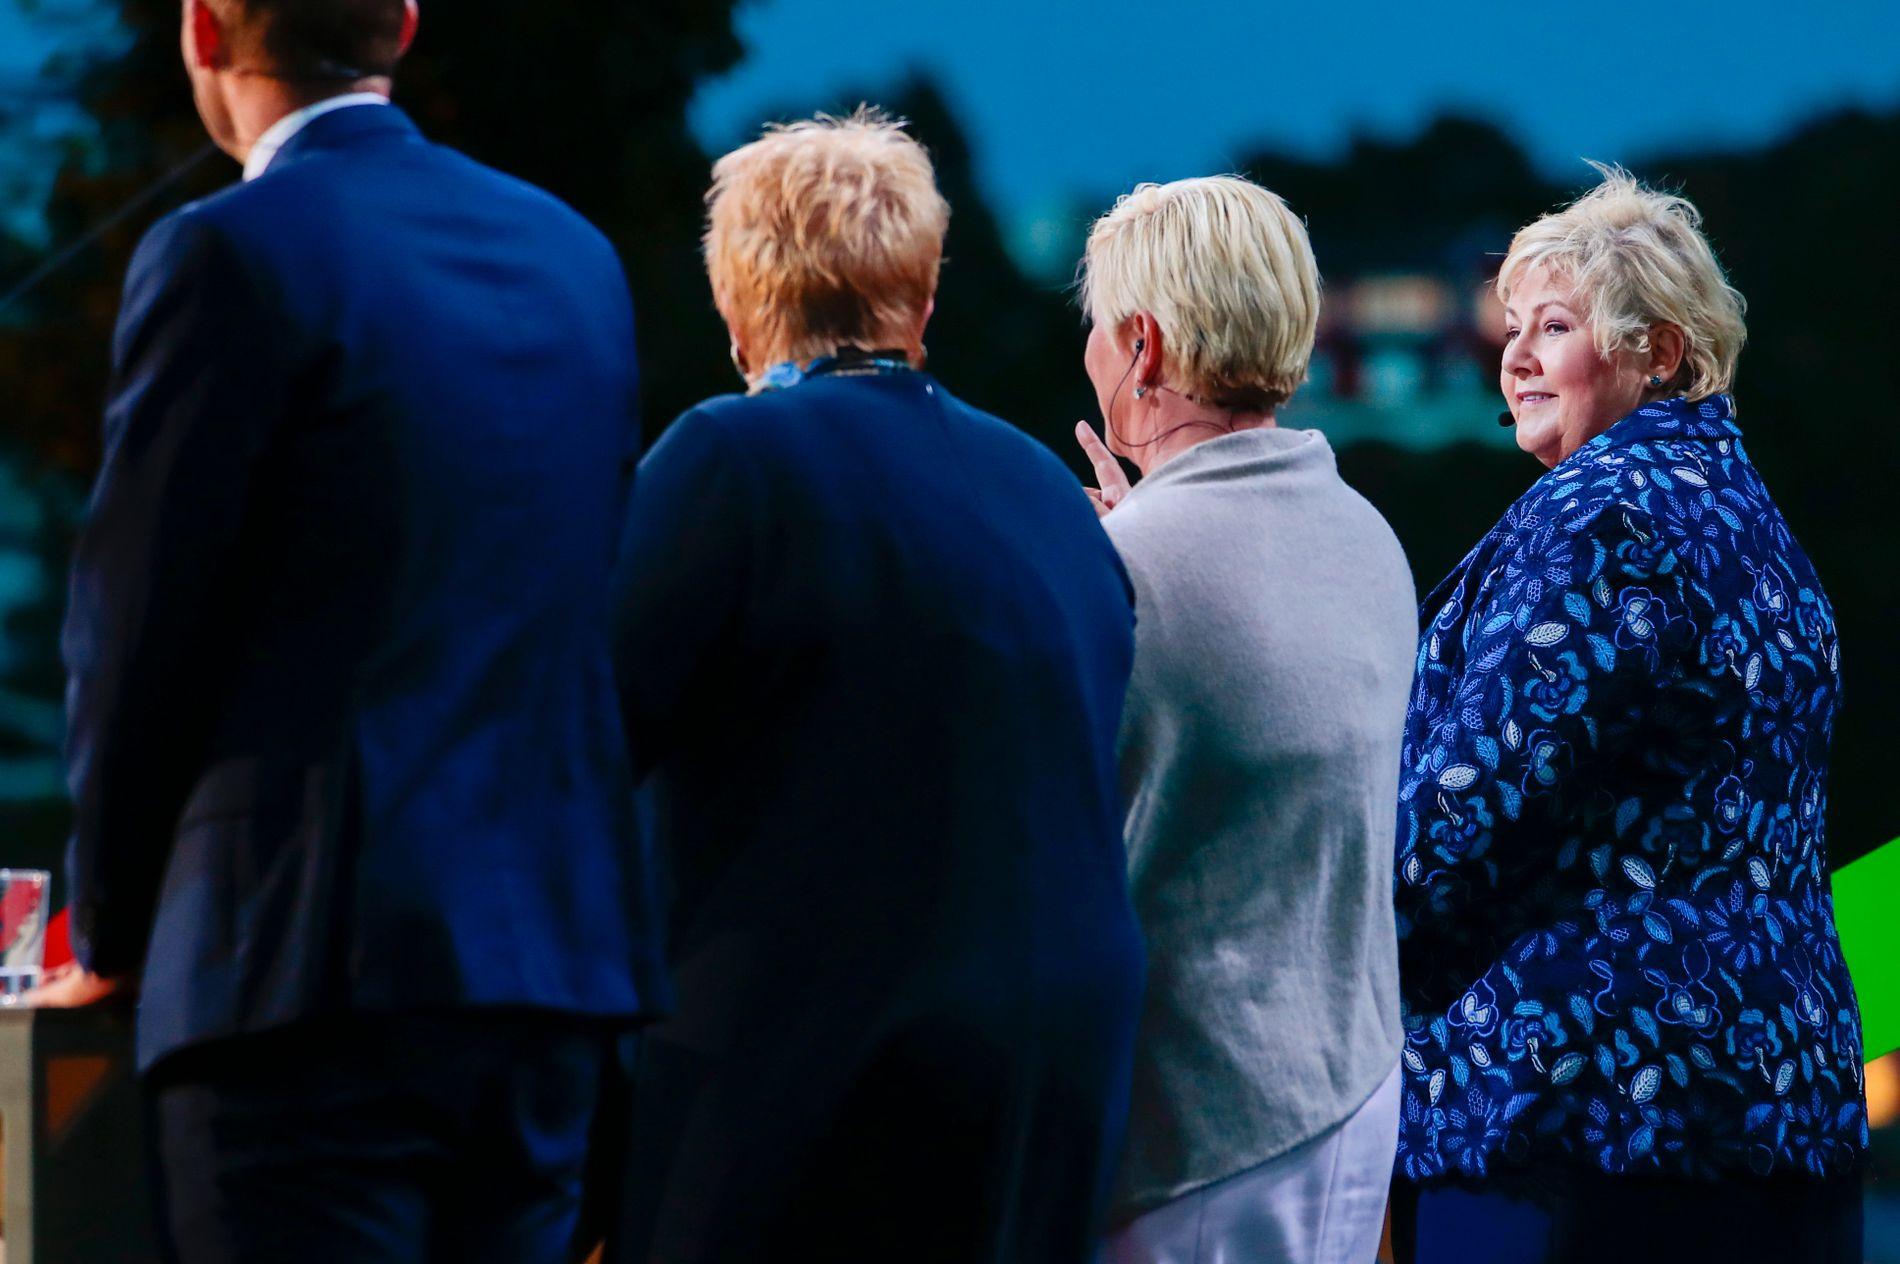 STATSMINISTER: Erna Solberg leder en regjering bestående av Høyre, Frp, Venstre og KrF.